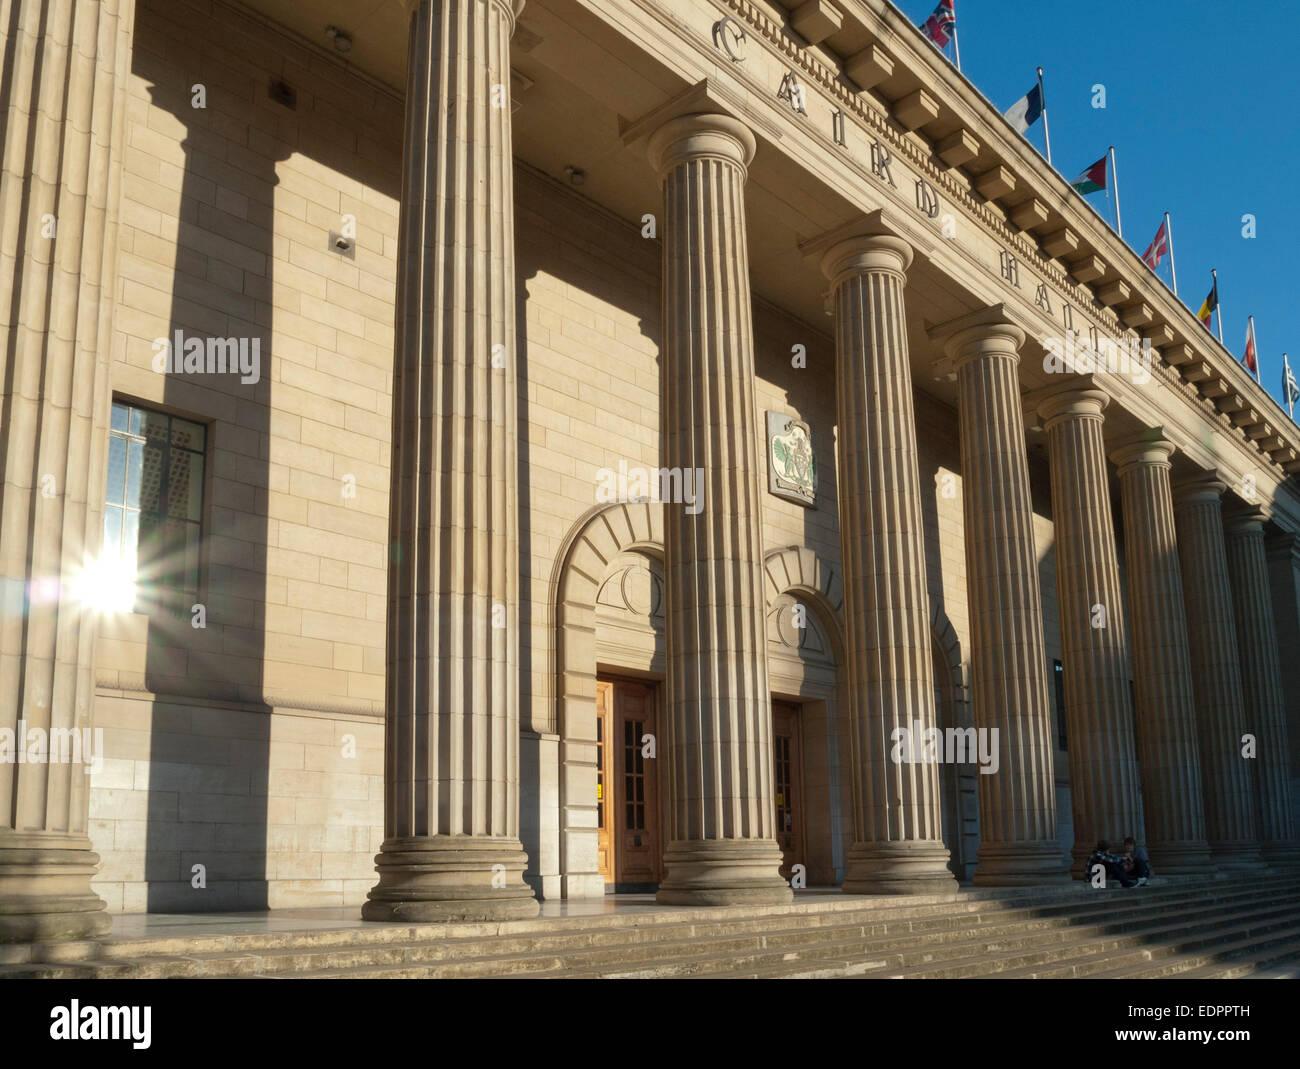 caird hall concert auditorium pillars dundee - Stock Image